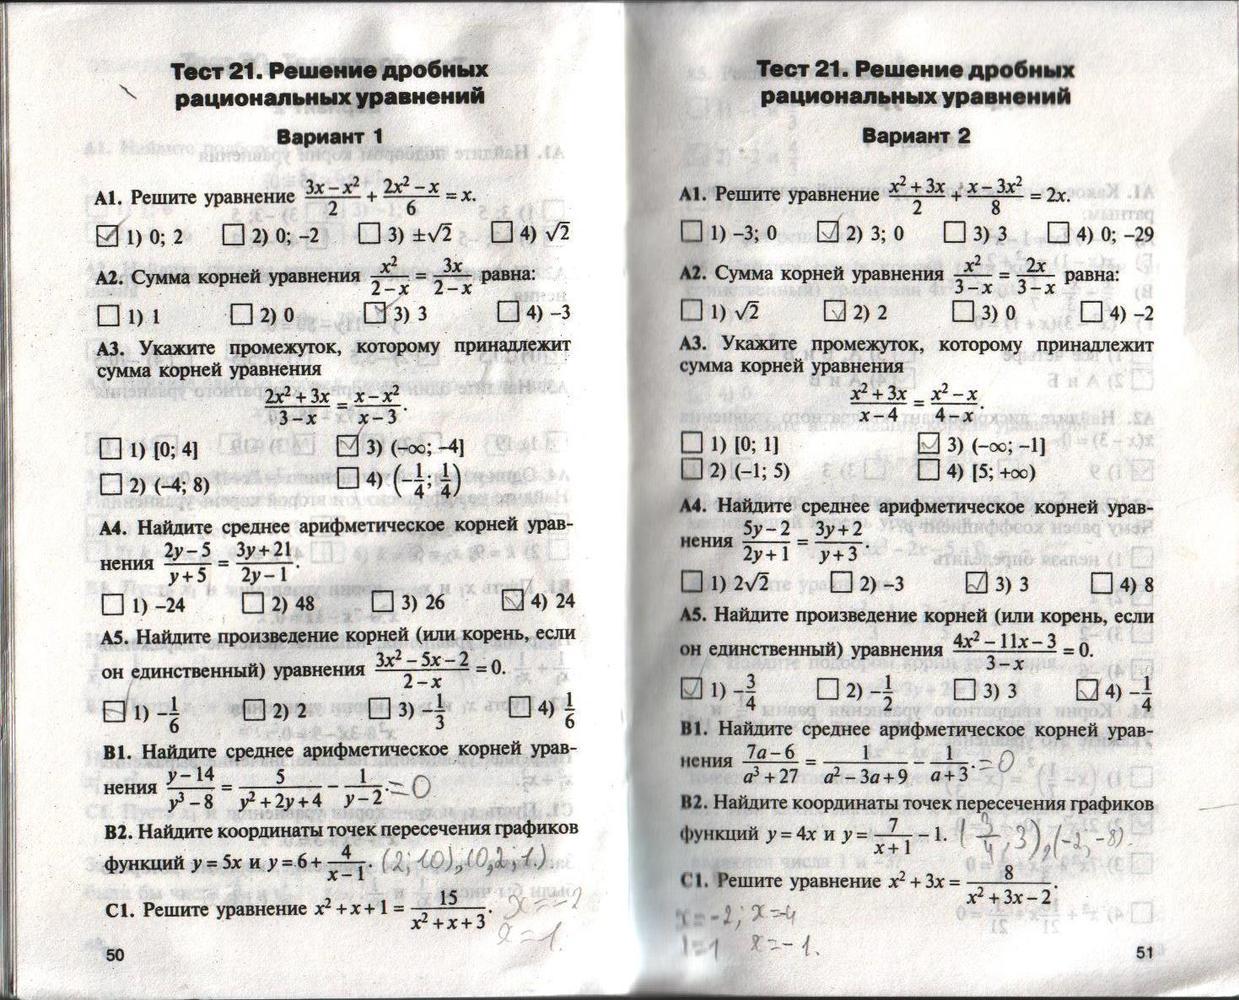 Гдз по алгебре контрольно-измерительные материалы 9 класс